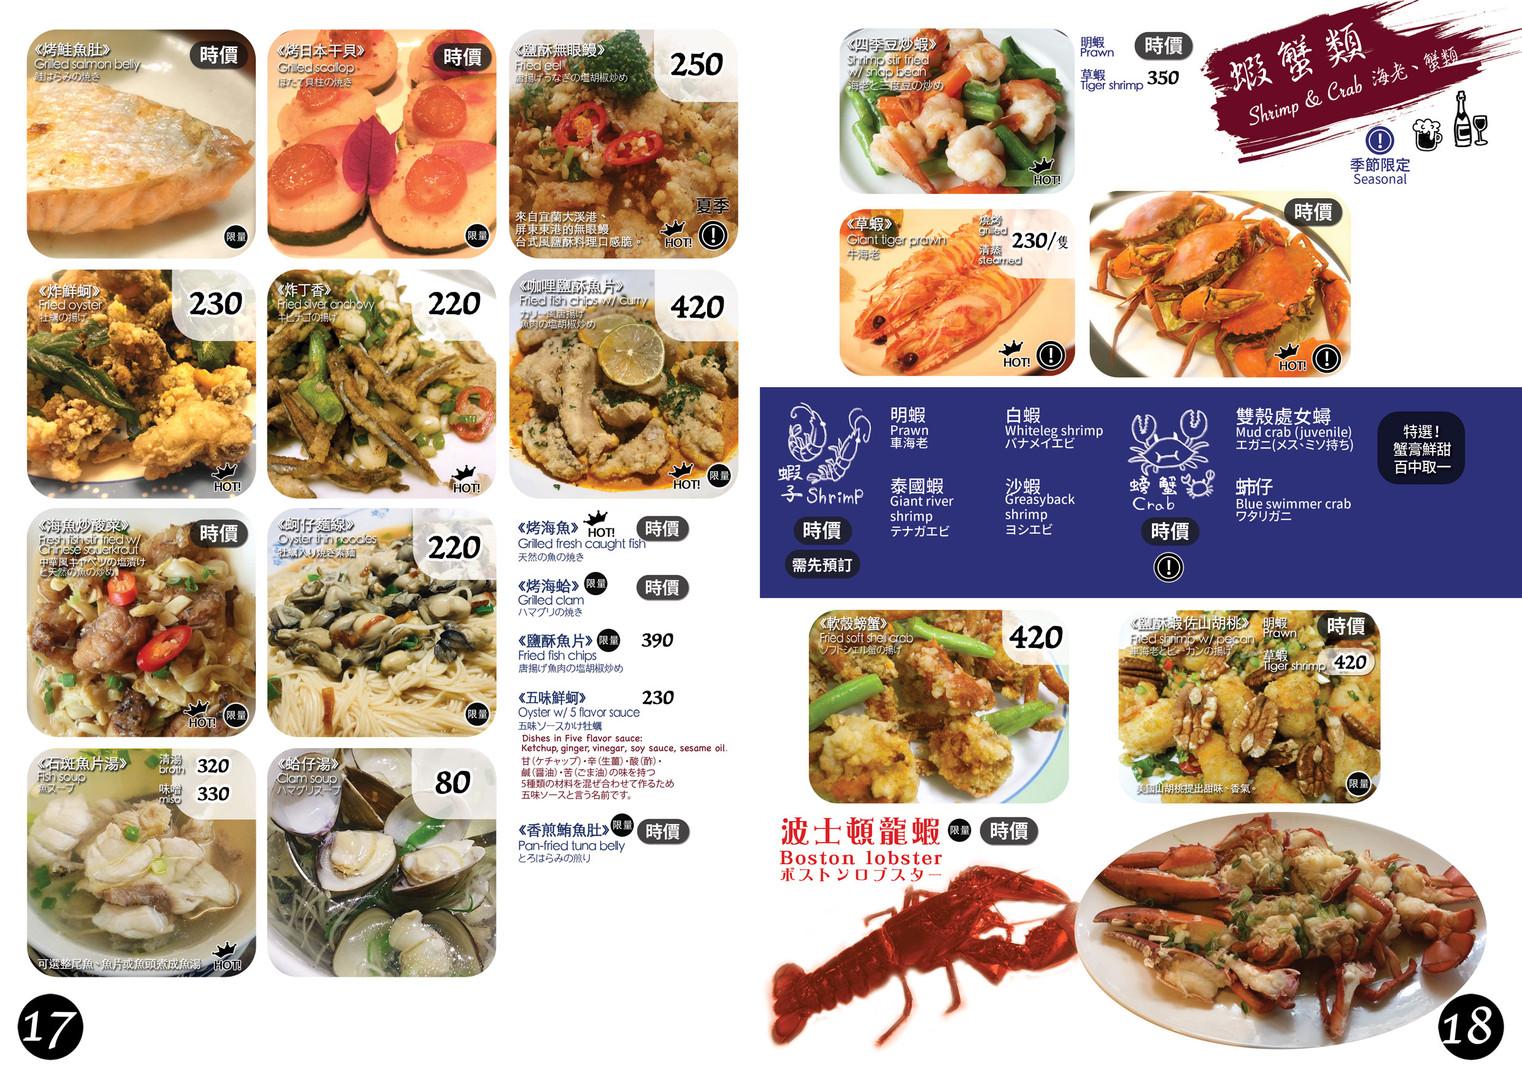 海鮮類 Seafood 2